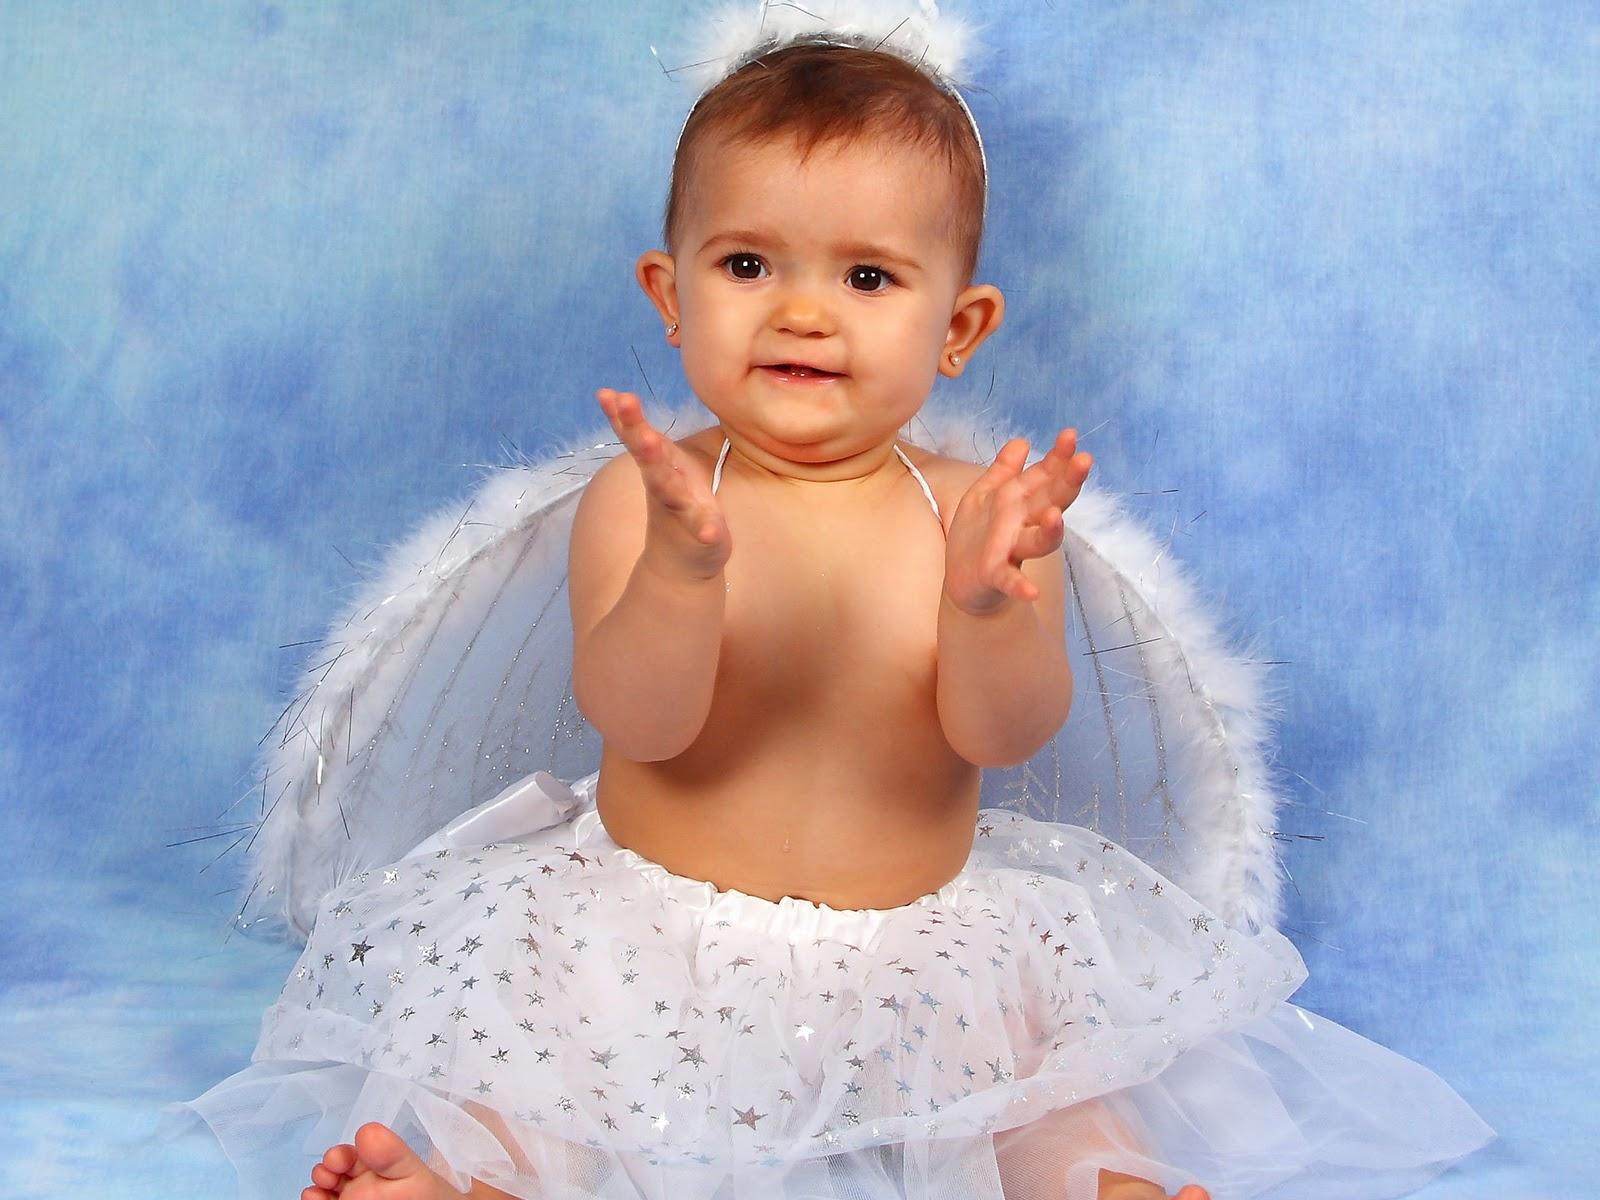 http://4.bp.blogspot.com/-7wpHckEZcg4/TpyjbLHmmzI/AAAAAAAAAmU/Dzv-uDhGJrE/s1600/Baby%2B-Angels%2B-Wallpapers-3.jpg